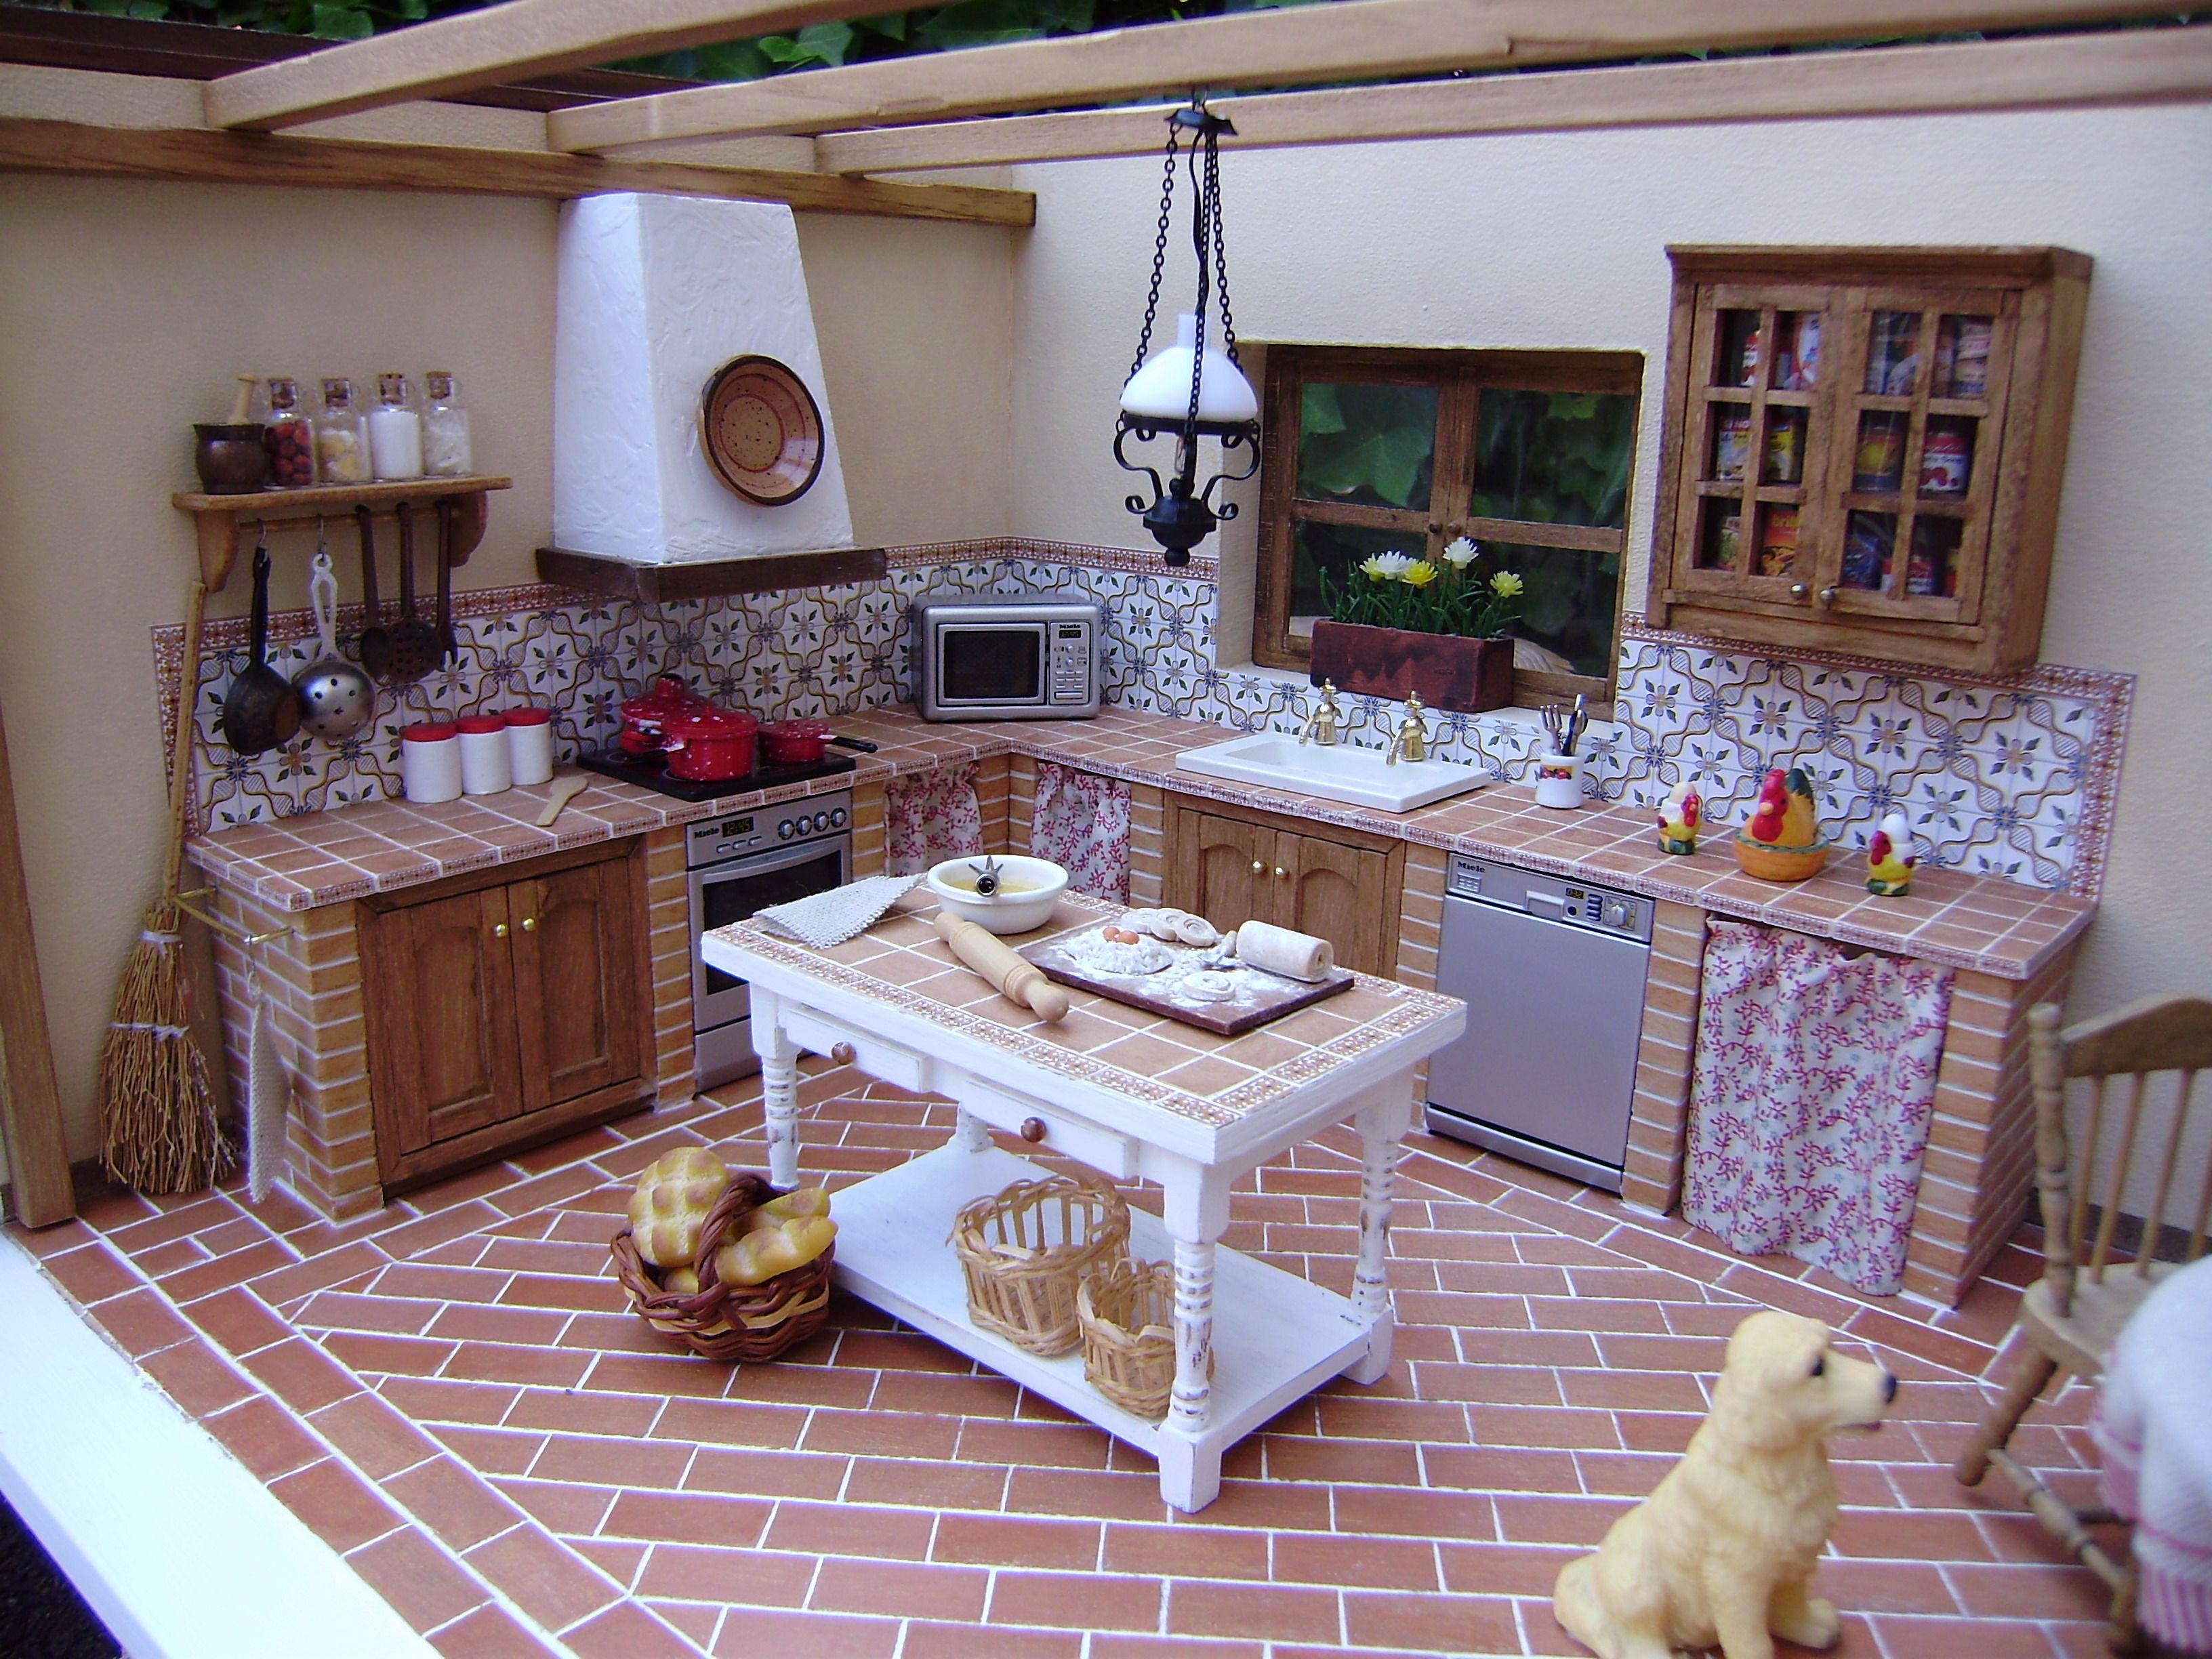 Cocina r stica sin parar de trastear miniaturas en - Cocinas de obra rusticas ...